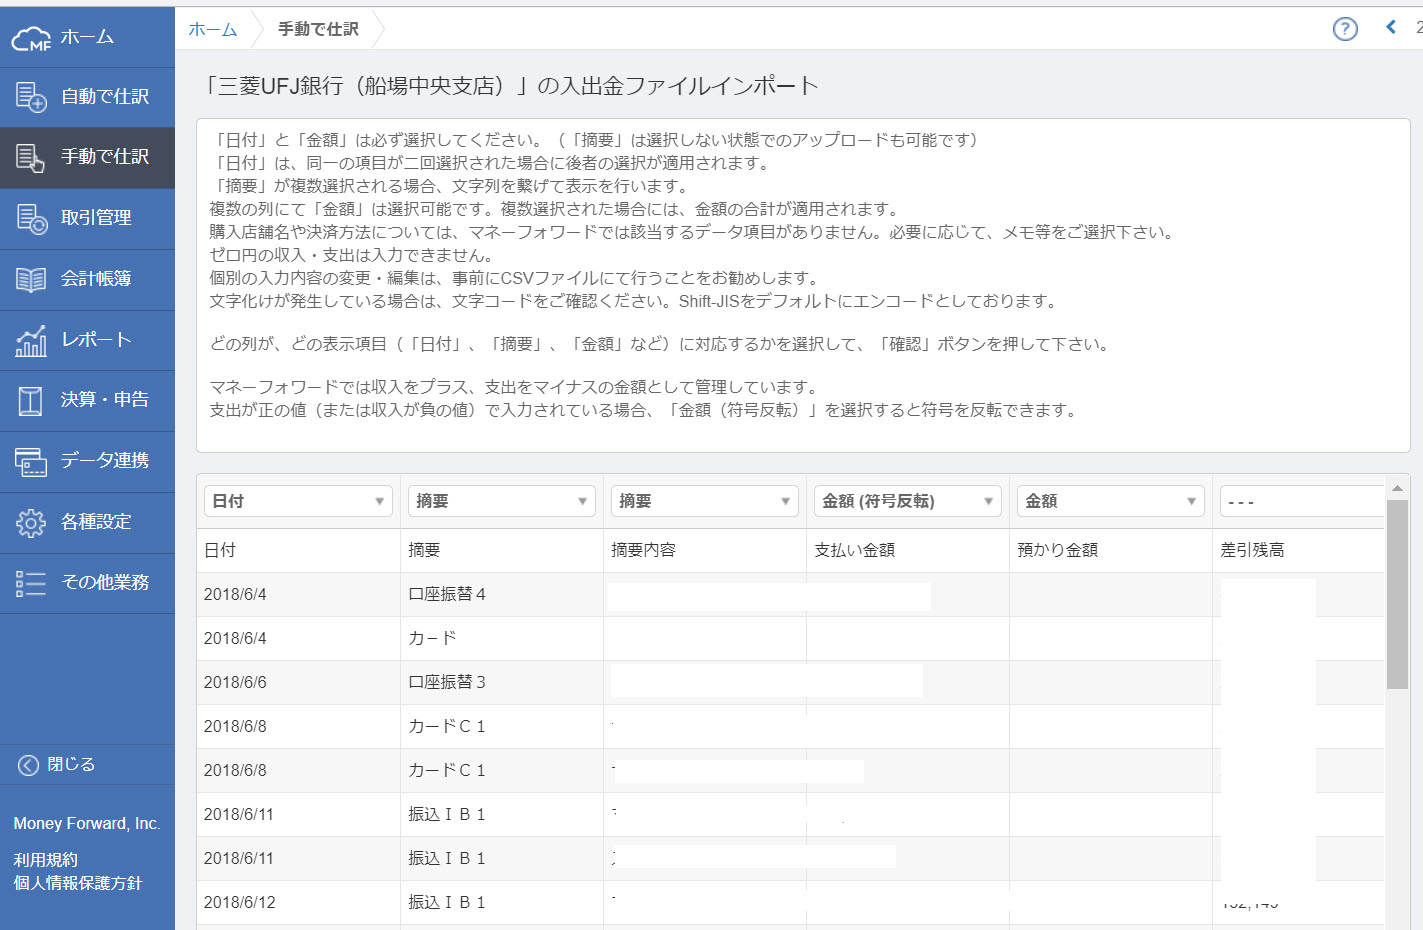 マネーフォワードクラウド会計・確定申告-銀行明細の手動アップロード-5